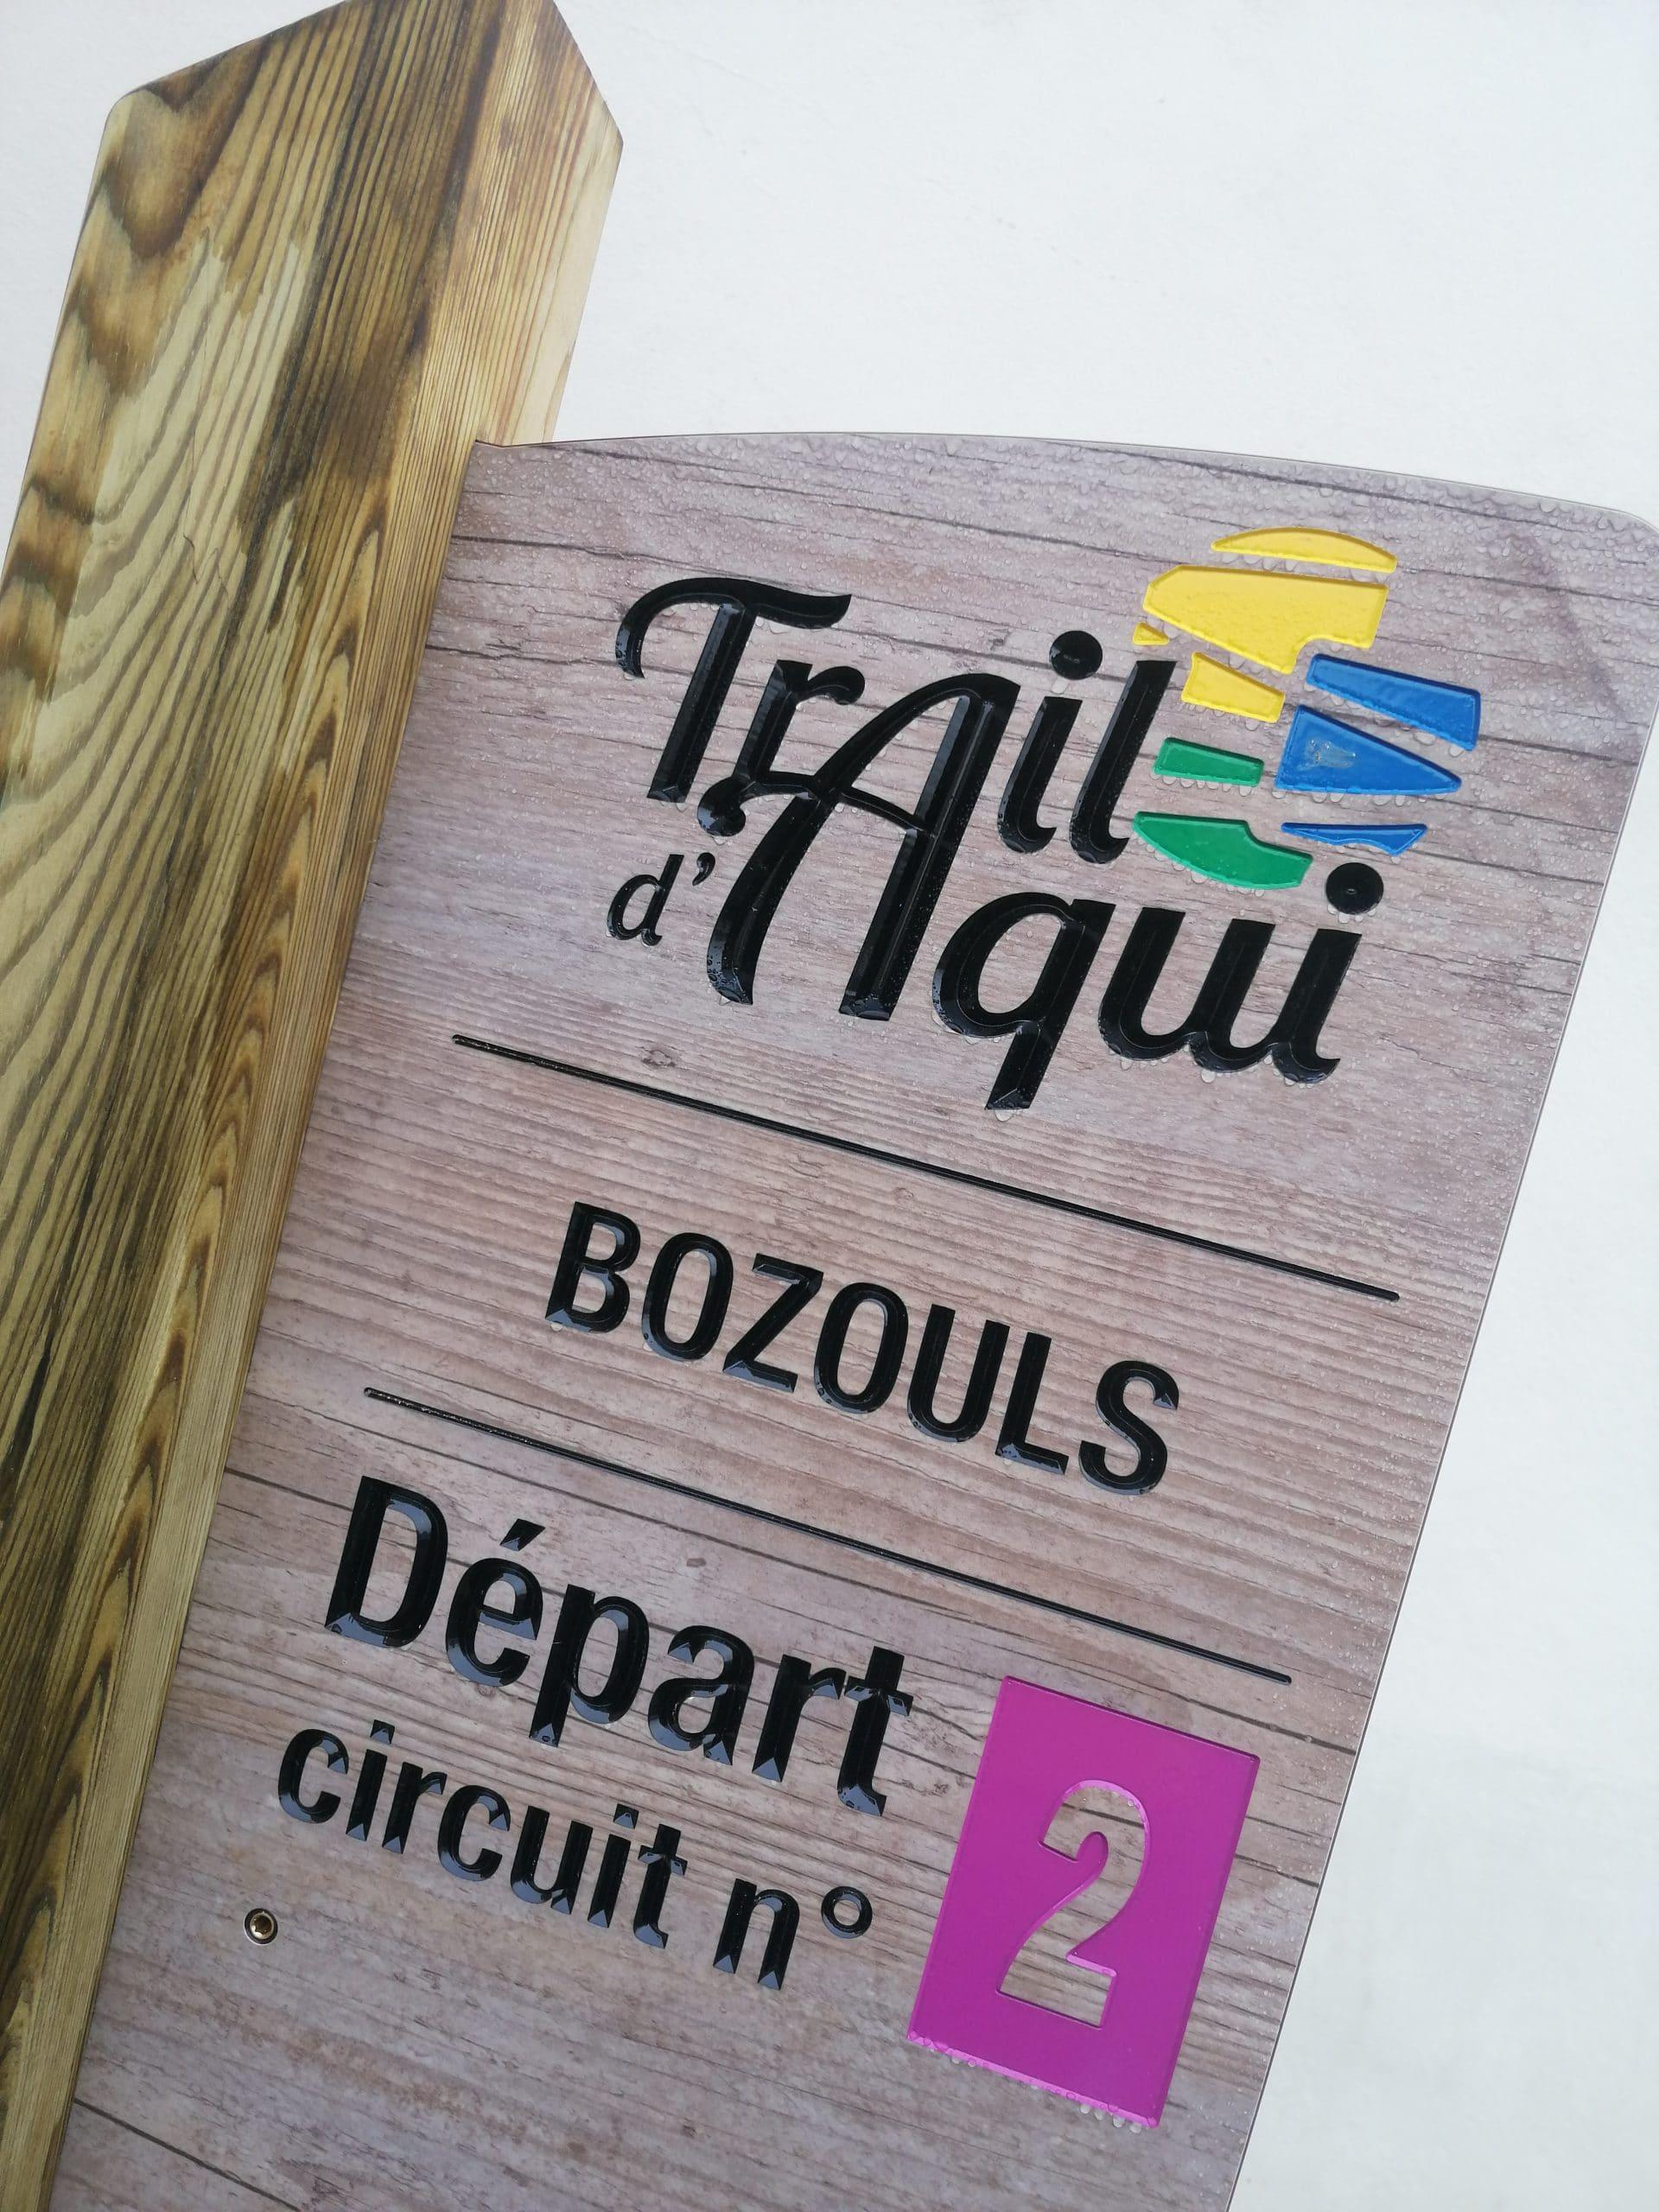 Totem de départ Trail d'Aqui est l'espace trail de la Communauté de Communes Comtal Lot Truyère. 21 parcours (Bessuéjouls, Bozouls, Campuac, Coubisou, Entraygues, Espalion, Espeyrac, Estaing, Gabriac, Golinhac, La Loubière, Lassouts, Le Cayrol, Le Fel, Le Nayrac, Montrozier, Rodelle, Saint-Côme-d'Olt, Saint-Hippolyte, Sébrazac, Villecomtal) et 2 parcours demi-kilomètre vertical permettent de découvrir plus de 500 kilomètres de chemins et monotraces.